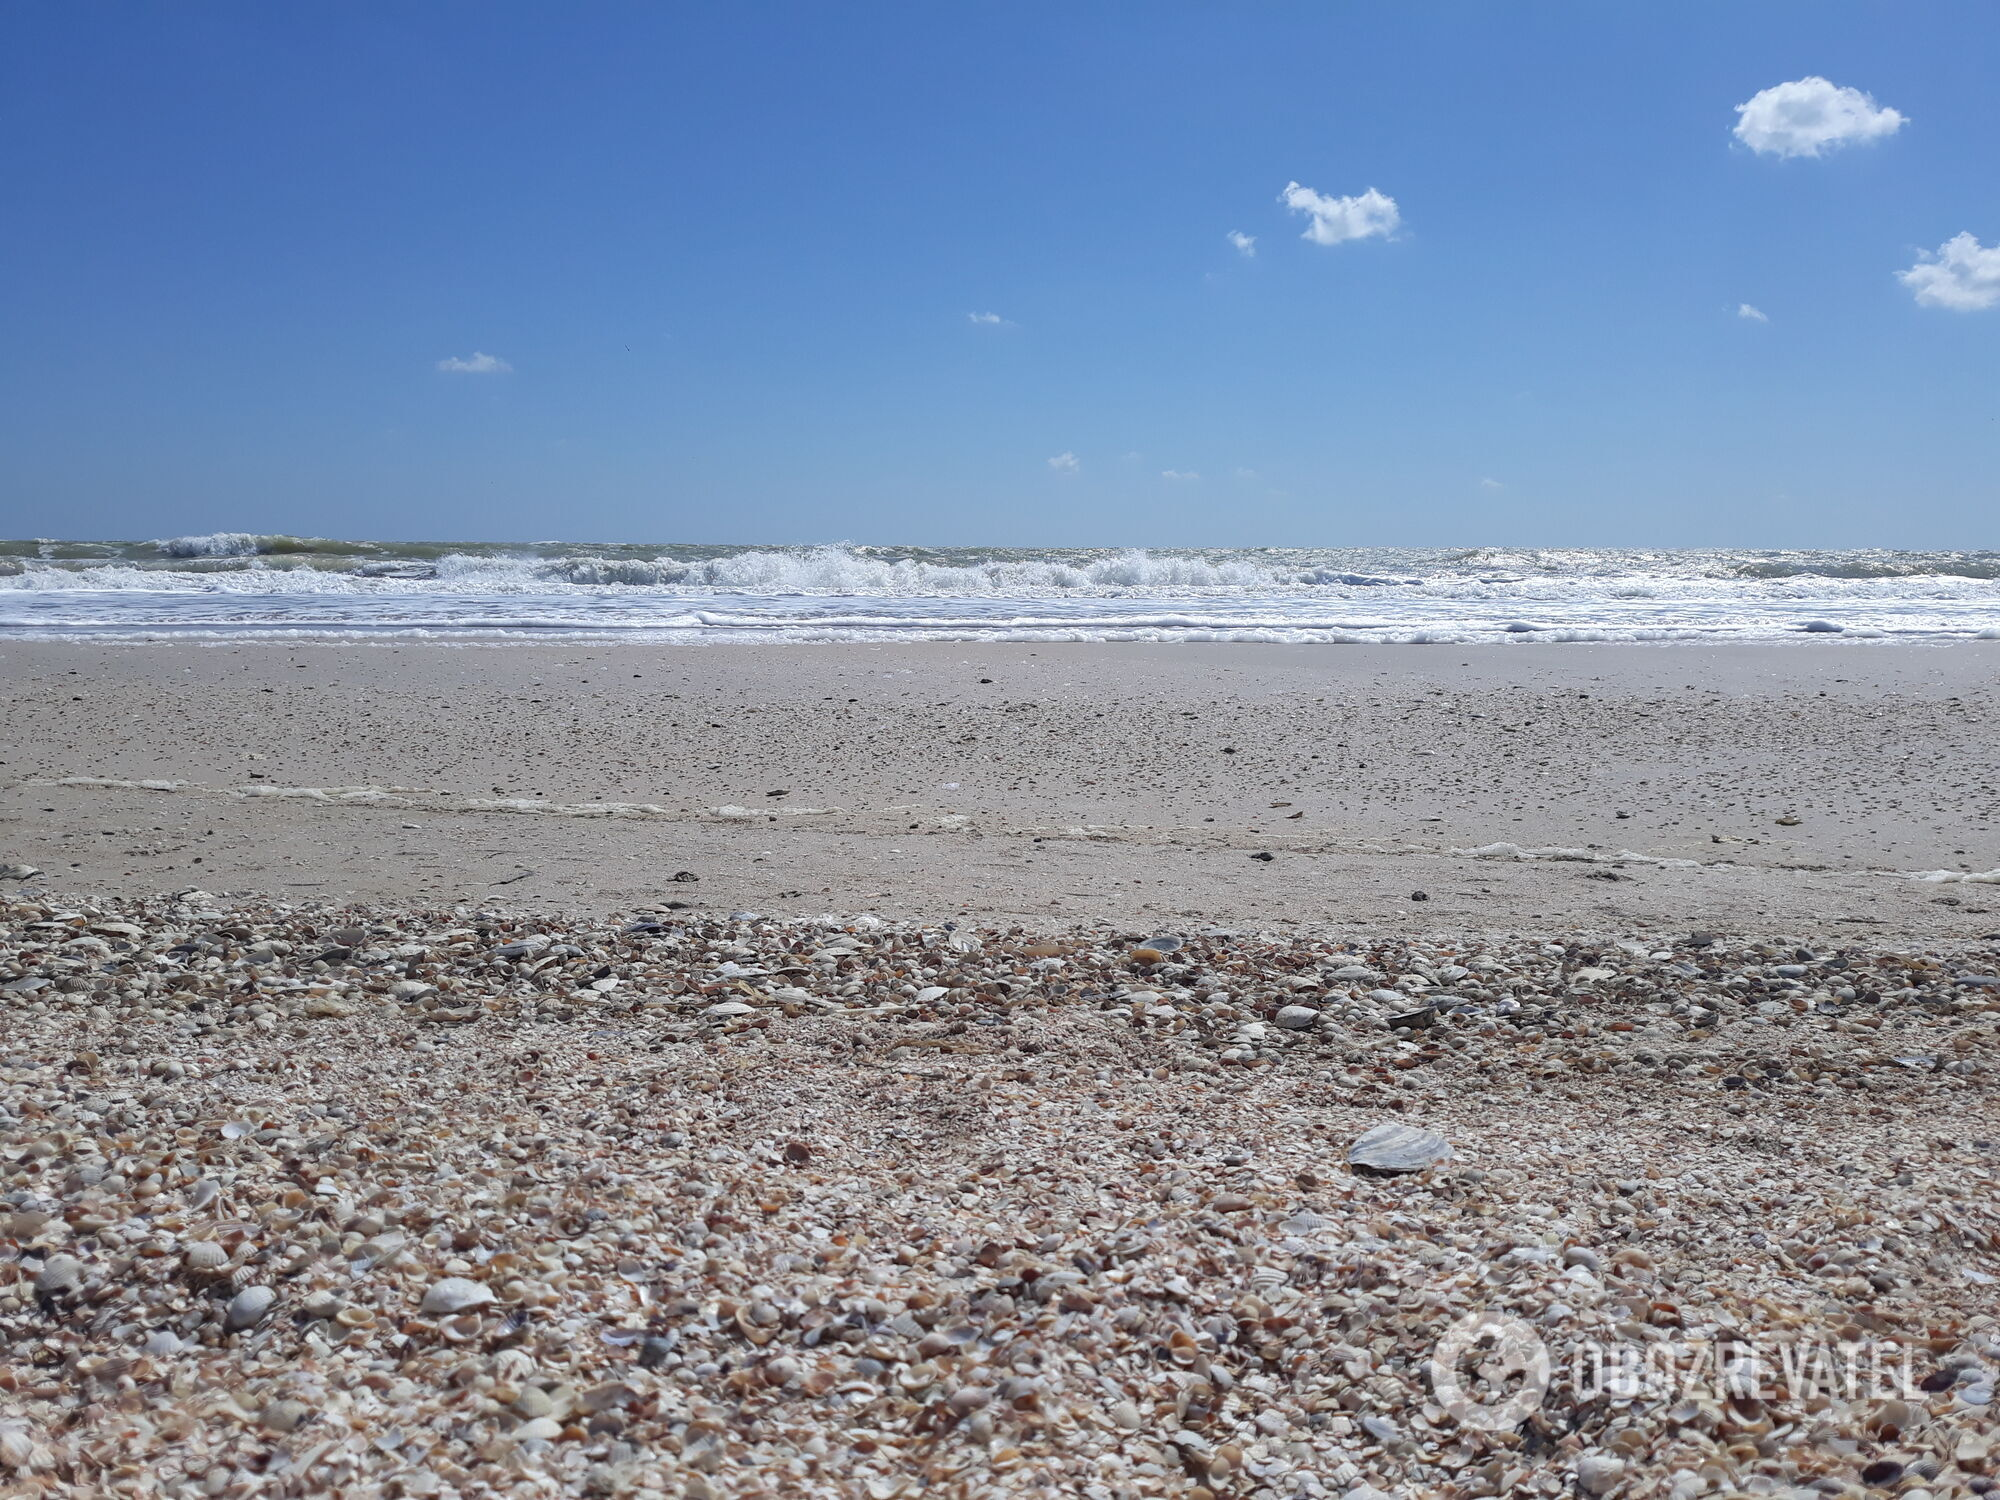 Лебедевка, Рыбаковка, Курортное, Николаевка, Катранка и Вапнярка славятся своими чистыми широкими и безлюдными пляжами